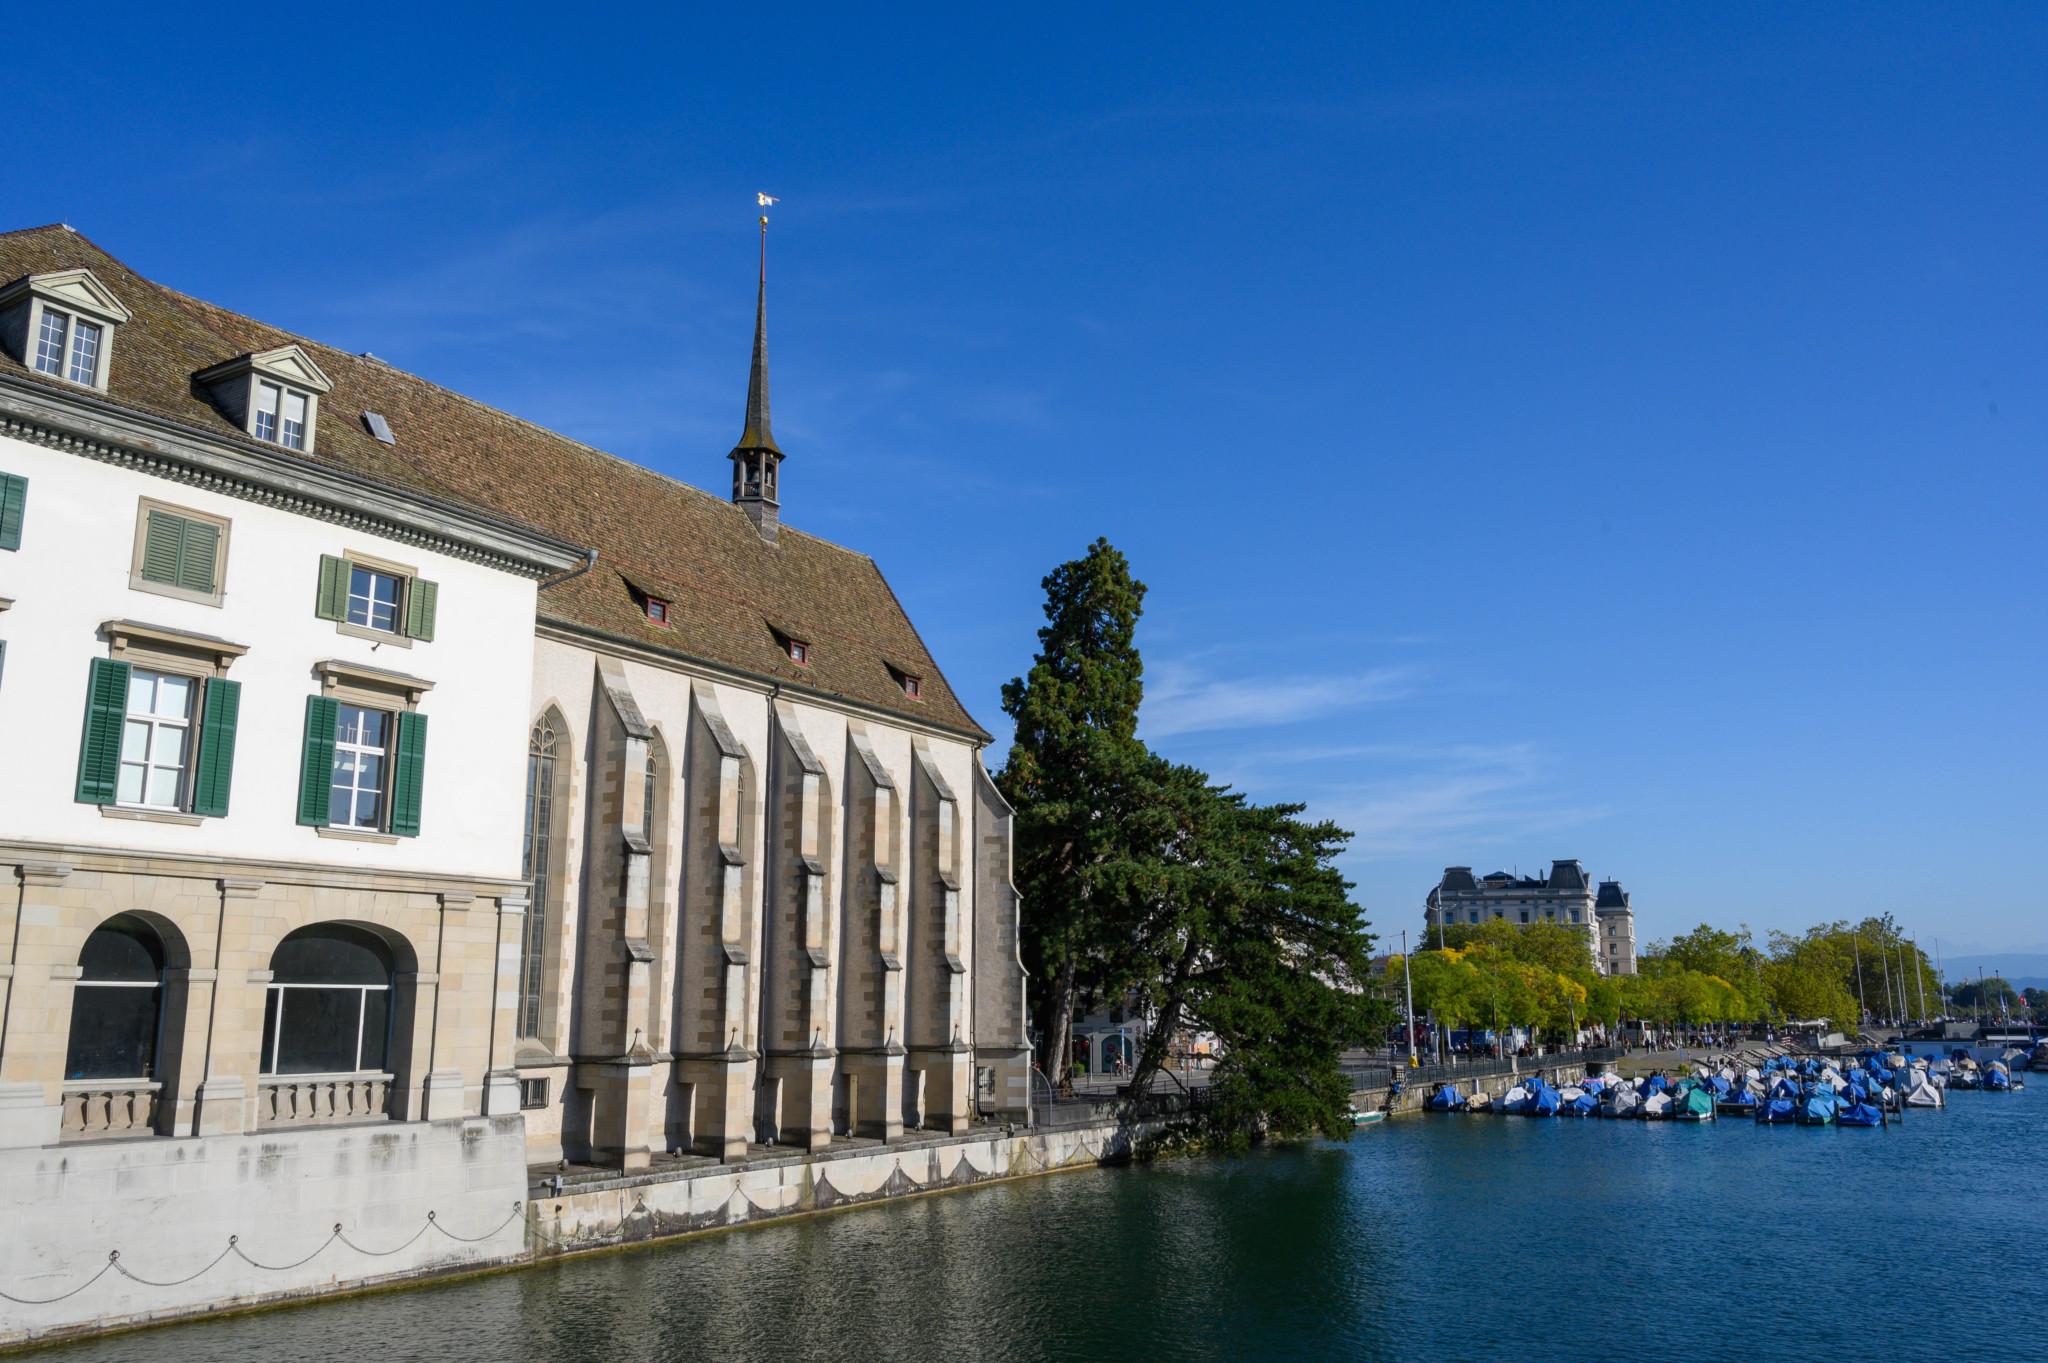 Wasserkirche als berühmte Sehenswürdigkeiten in Zürich